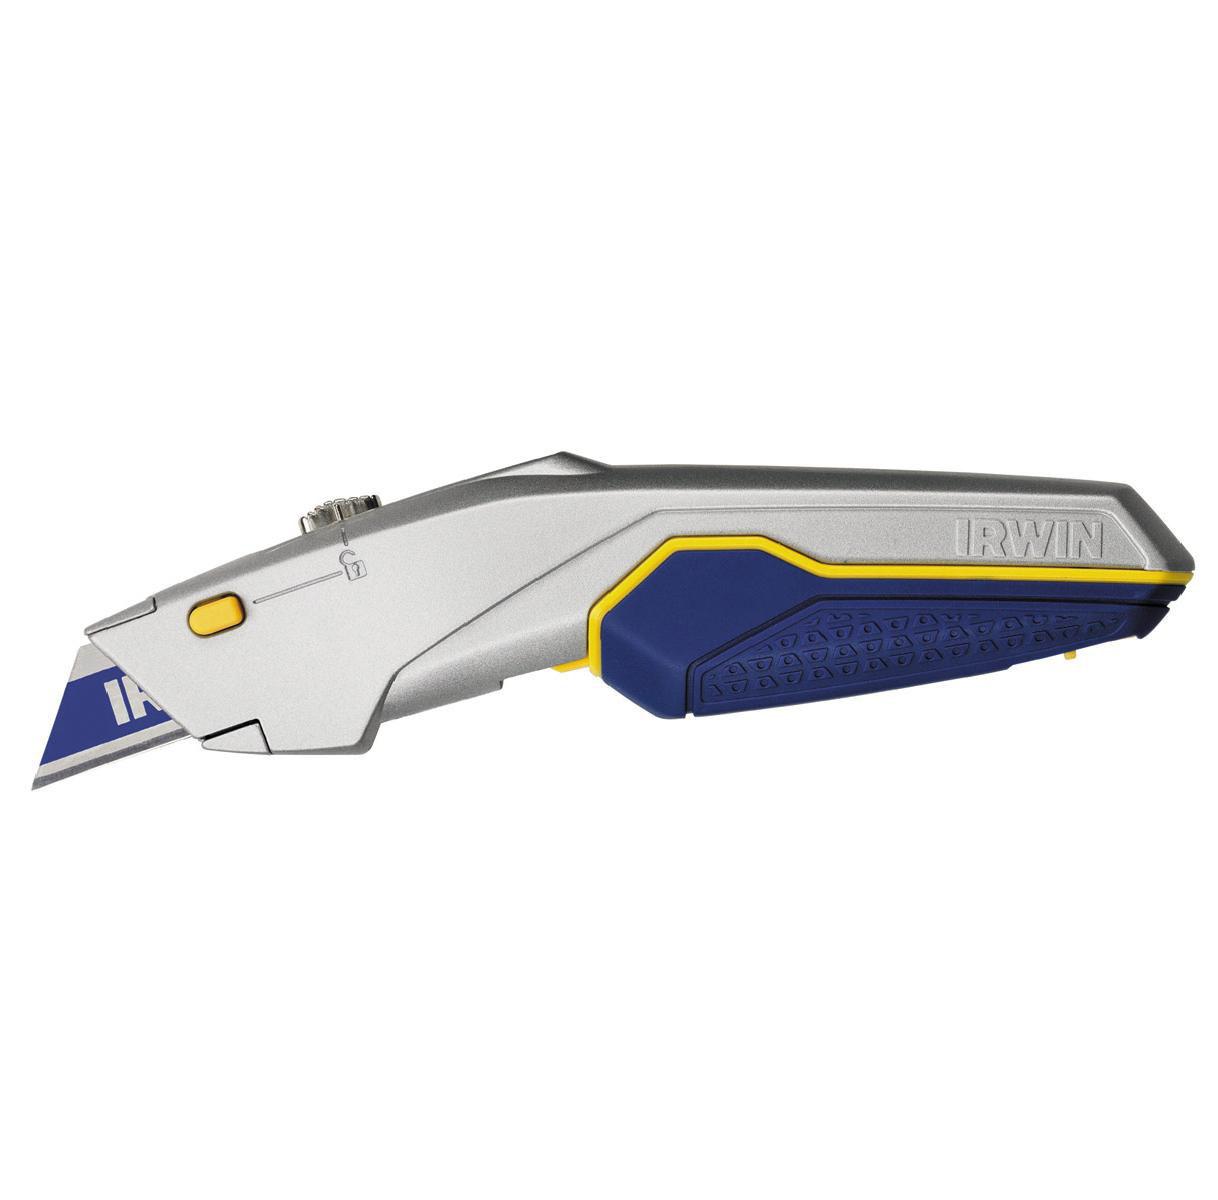 IRWIN 10508104 - Pro Touch X Utility Knife